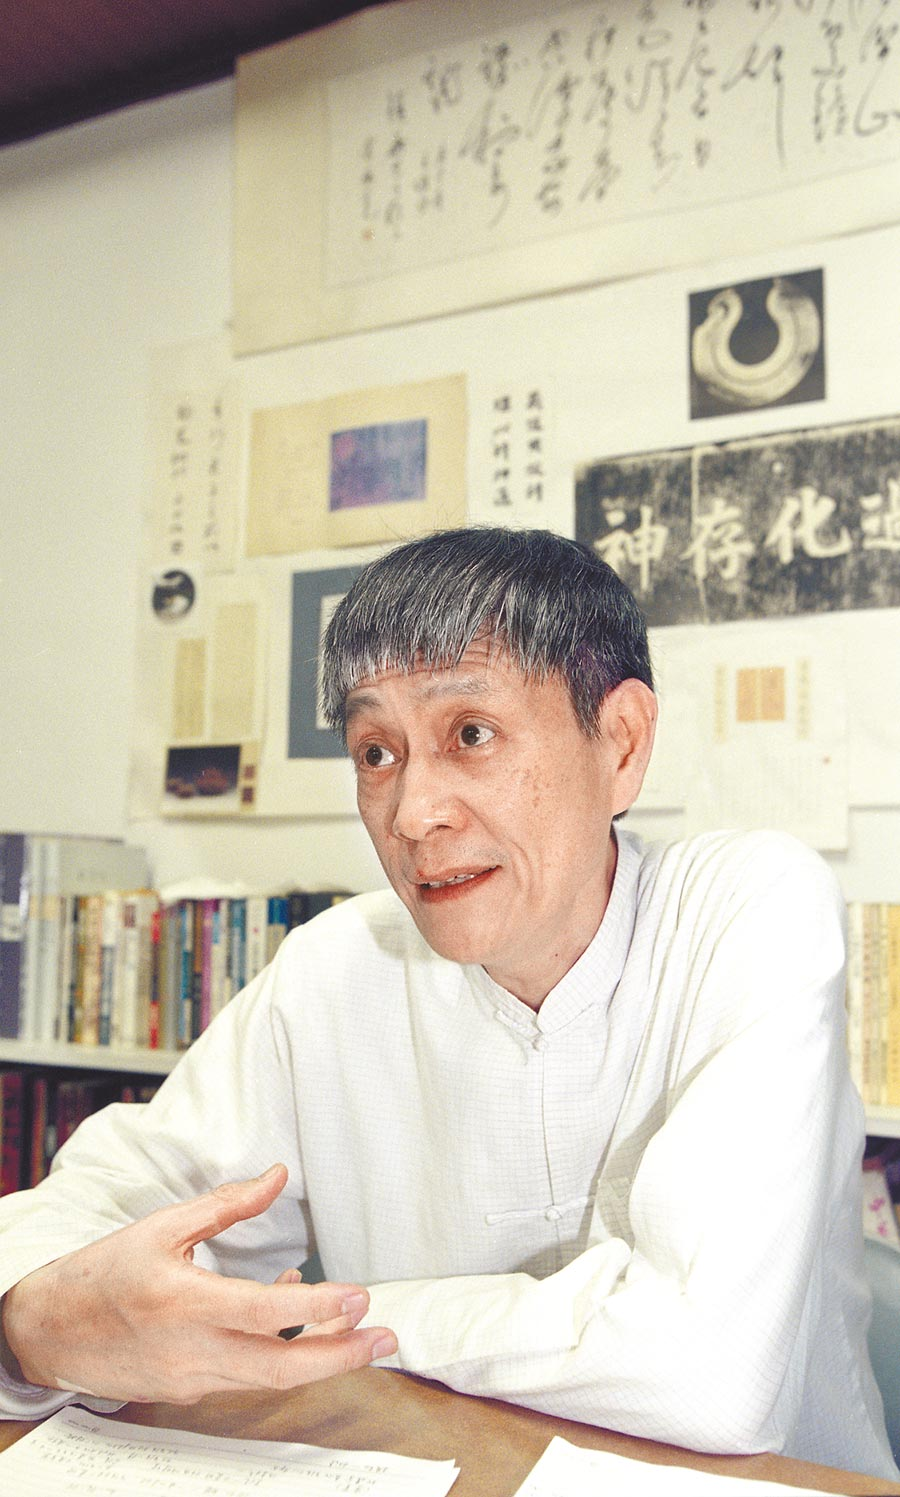 王鎮華於2000年創辦德簡書院,效法孔子以民間教育方式傳授中國文化與生命智慧。(本報資料照片)